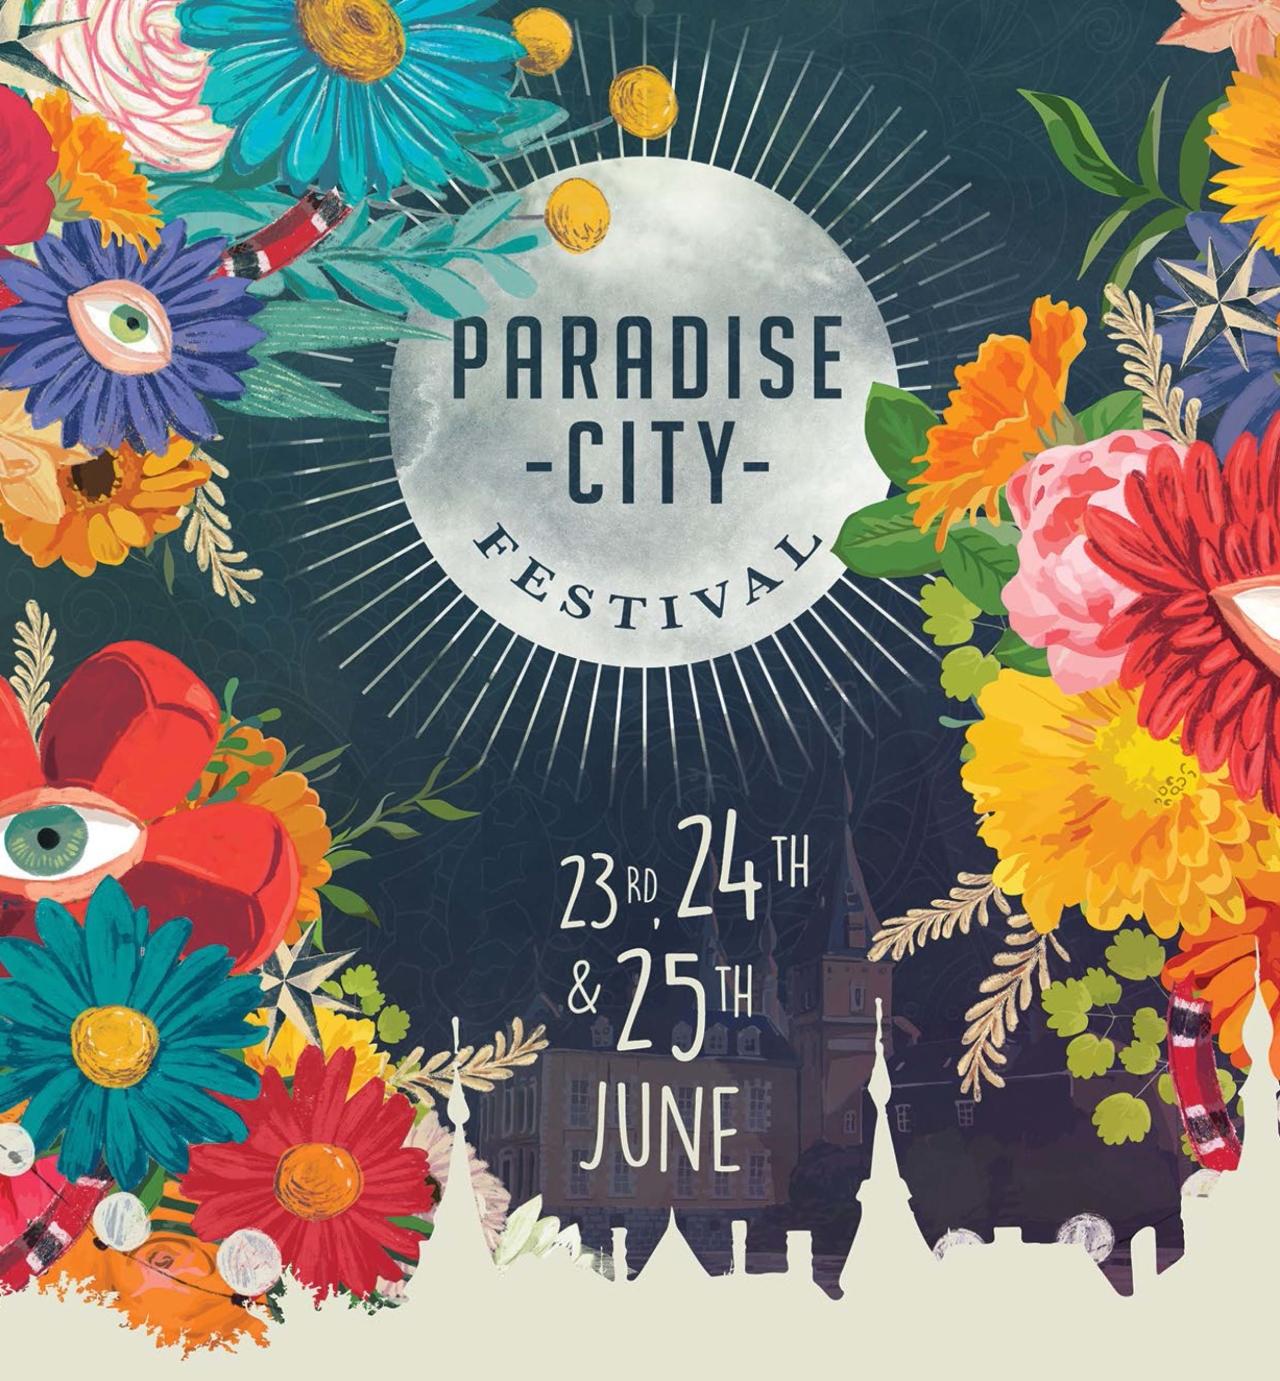 MUSIQUE : Le festival Paradise City dévoile sa programmation